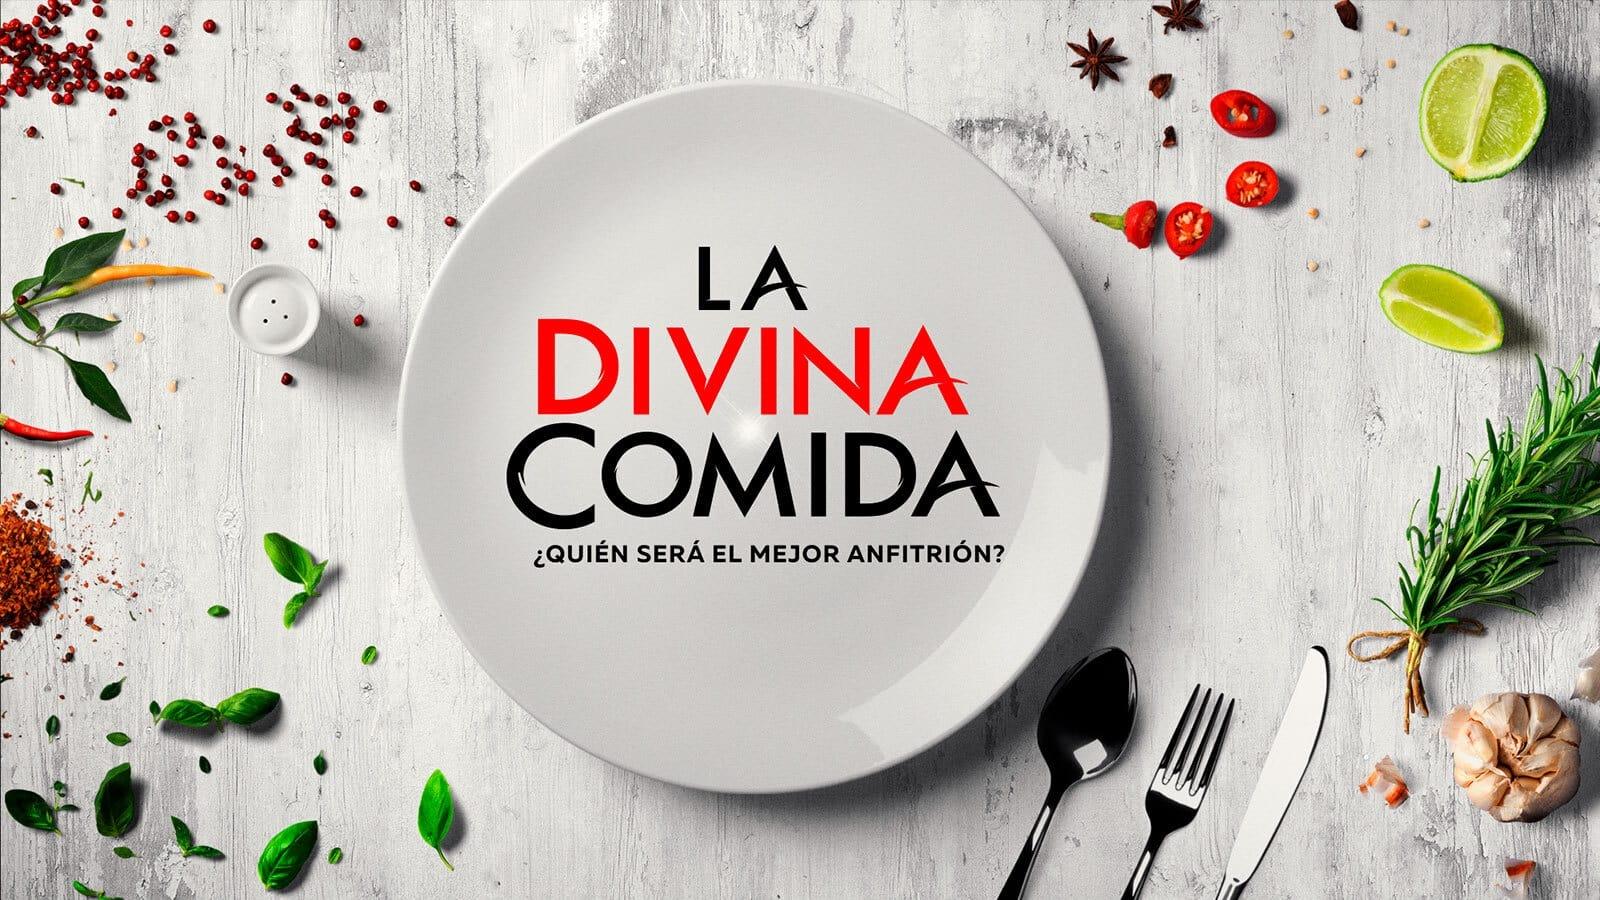 La divina comida